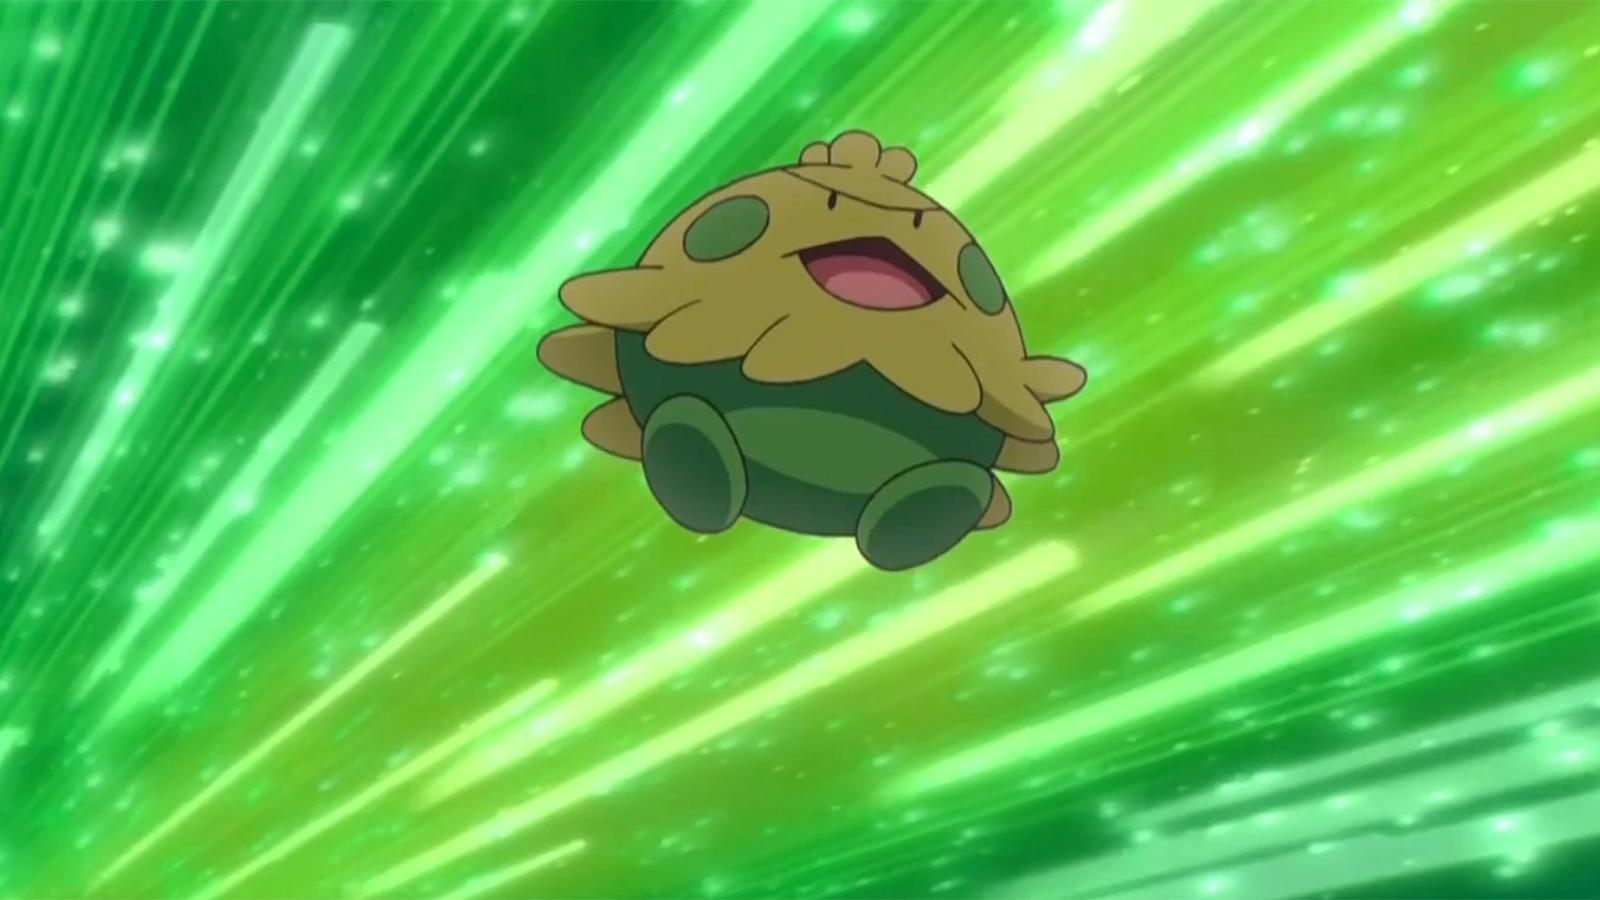 Shroomish in Pokemon